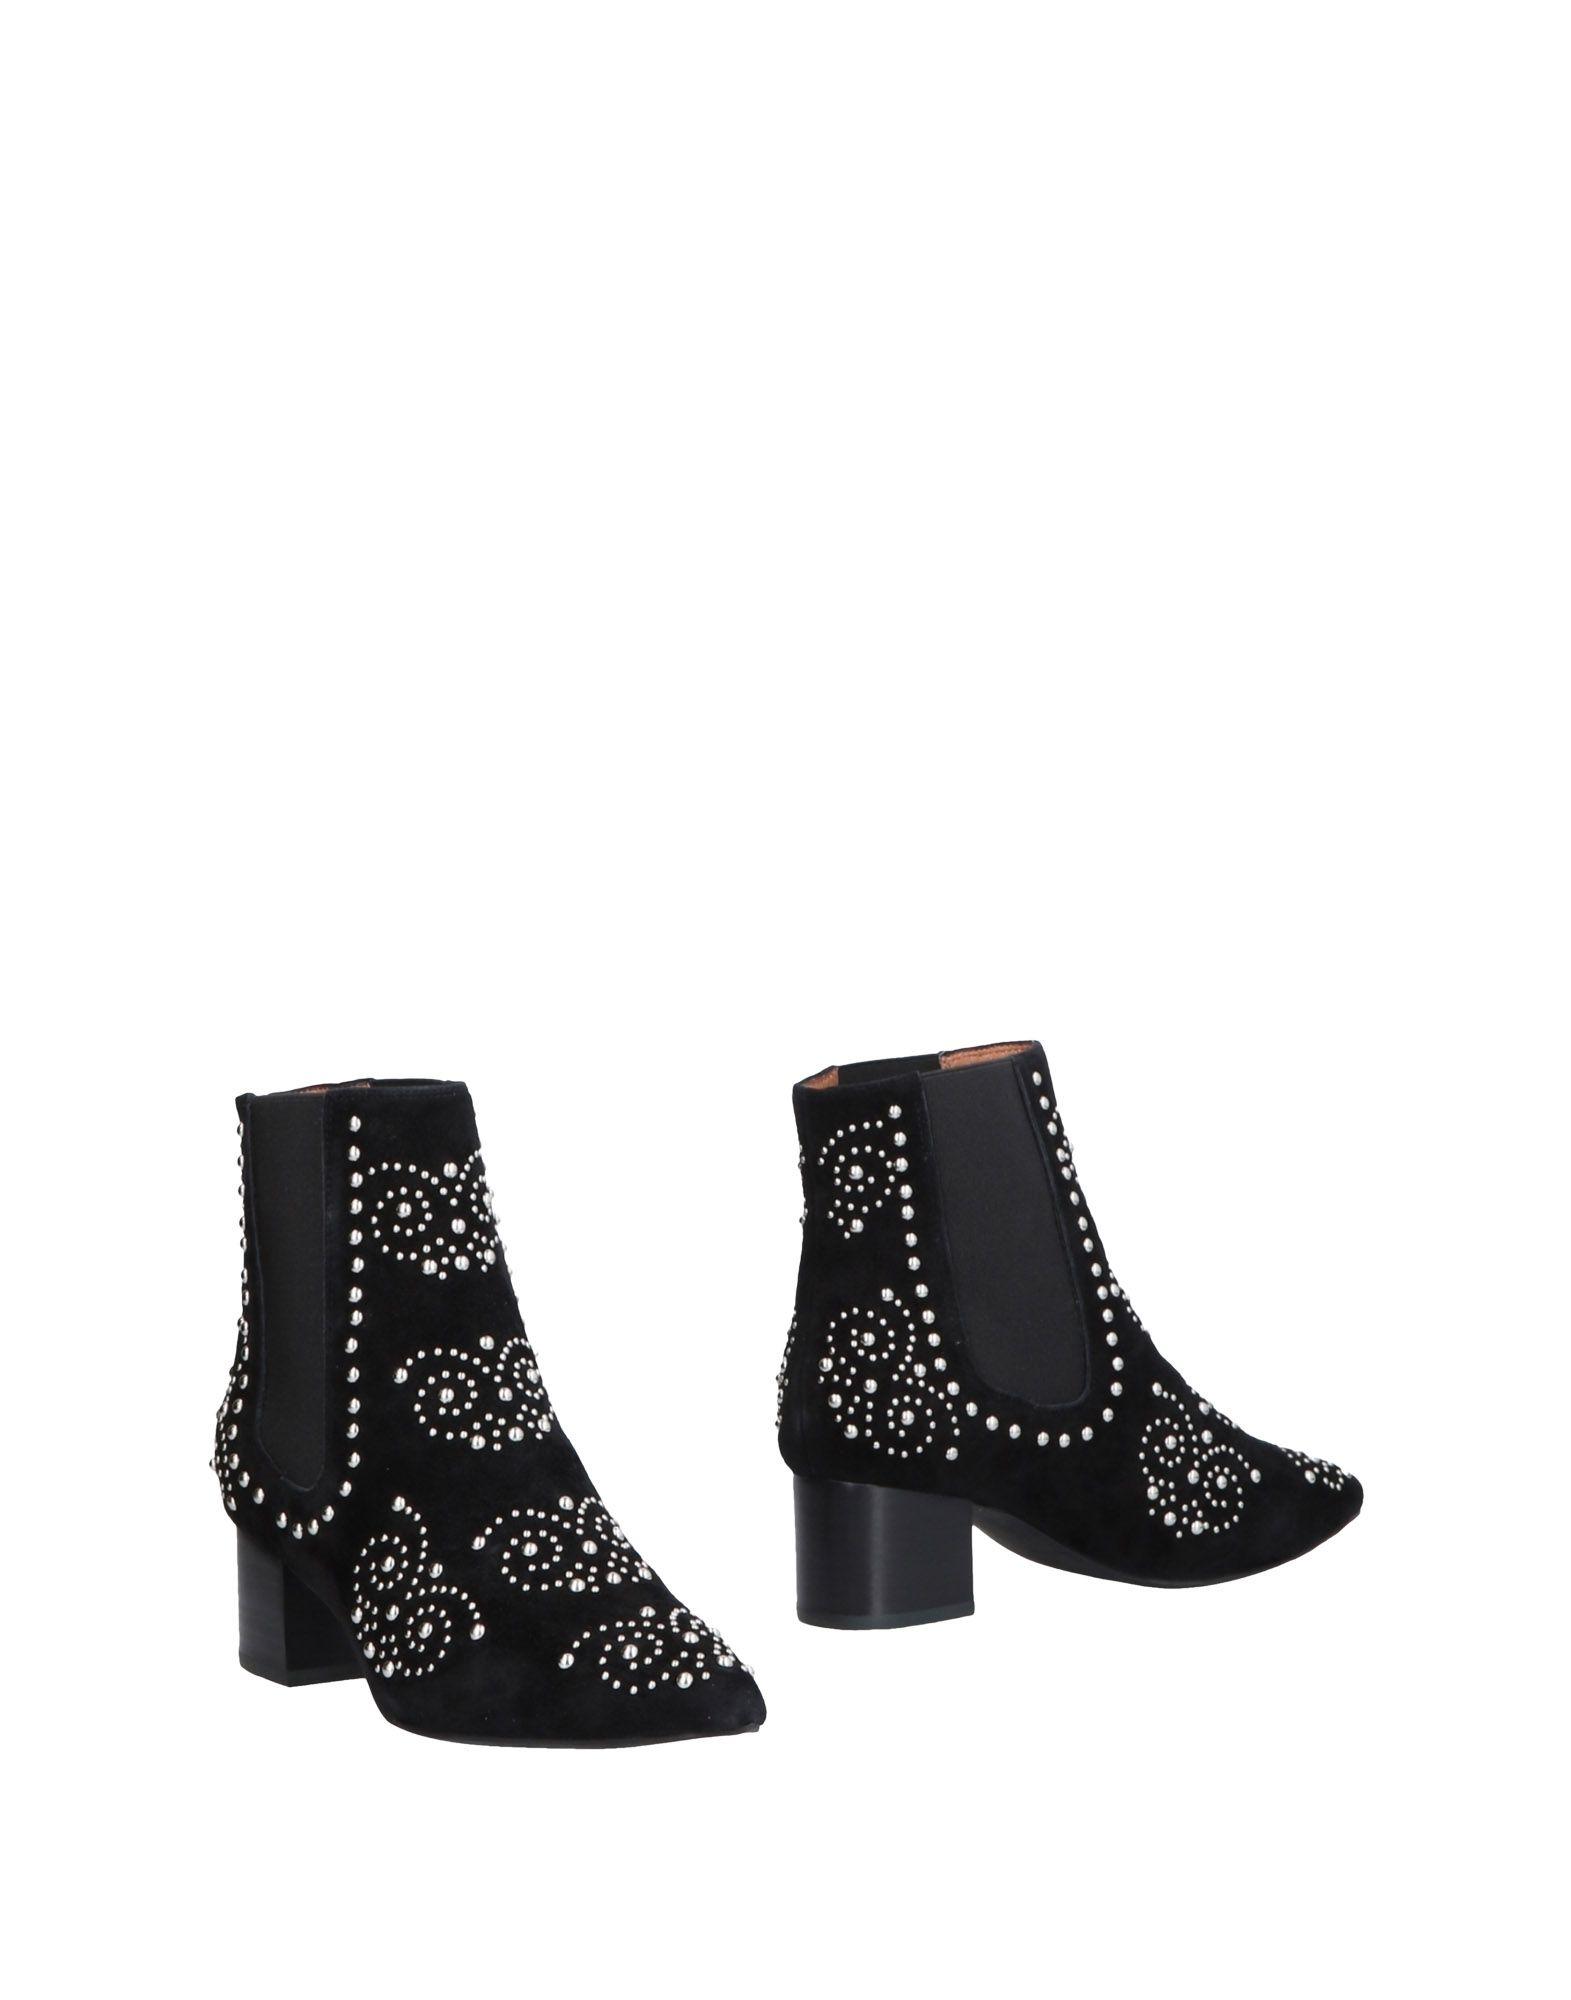 Jeffrey Campbell Chelsea Boots beliebte Damen  11465668NL Gute Qualität beliebte Boots Schuhe f8abb1